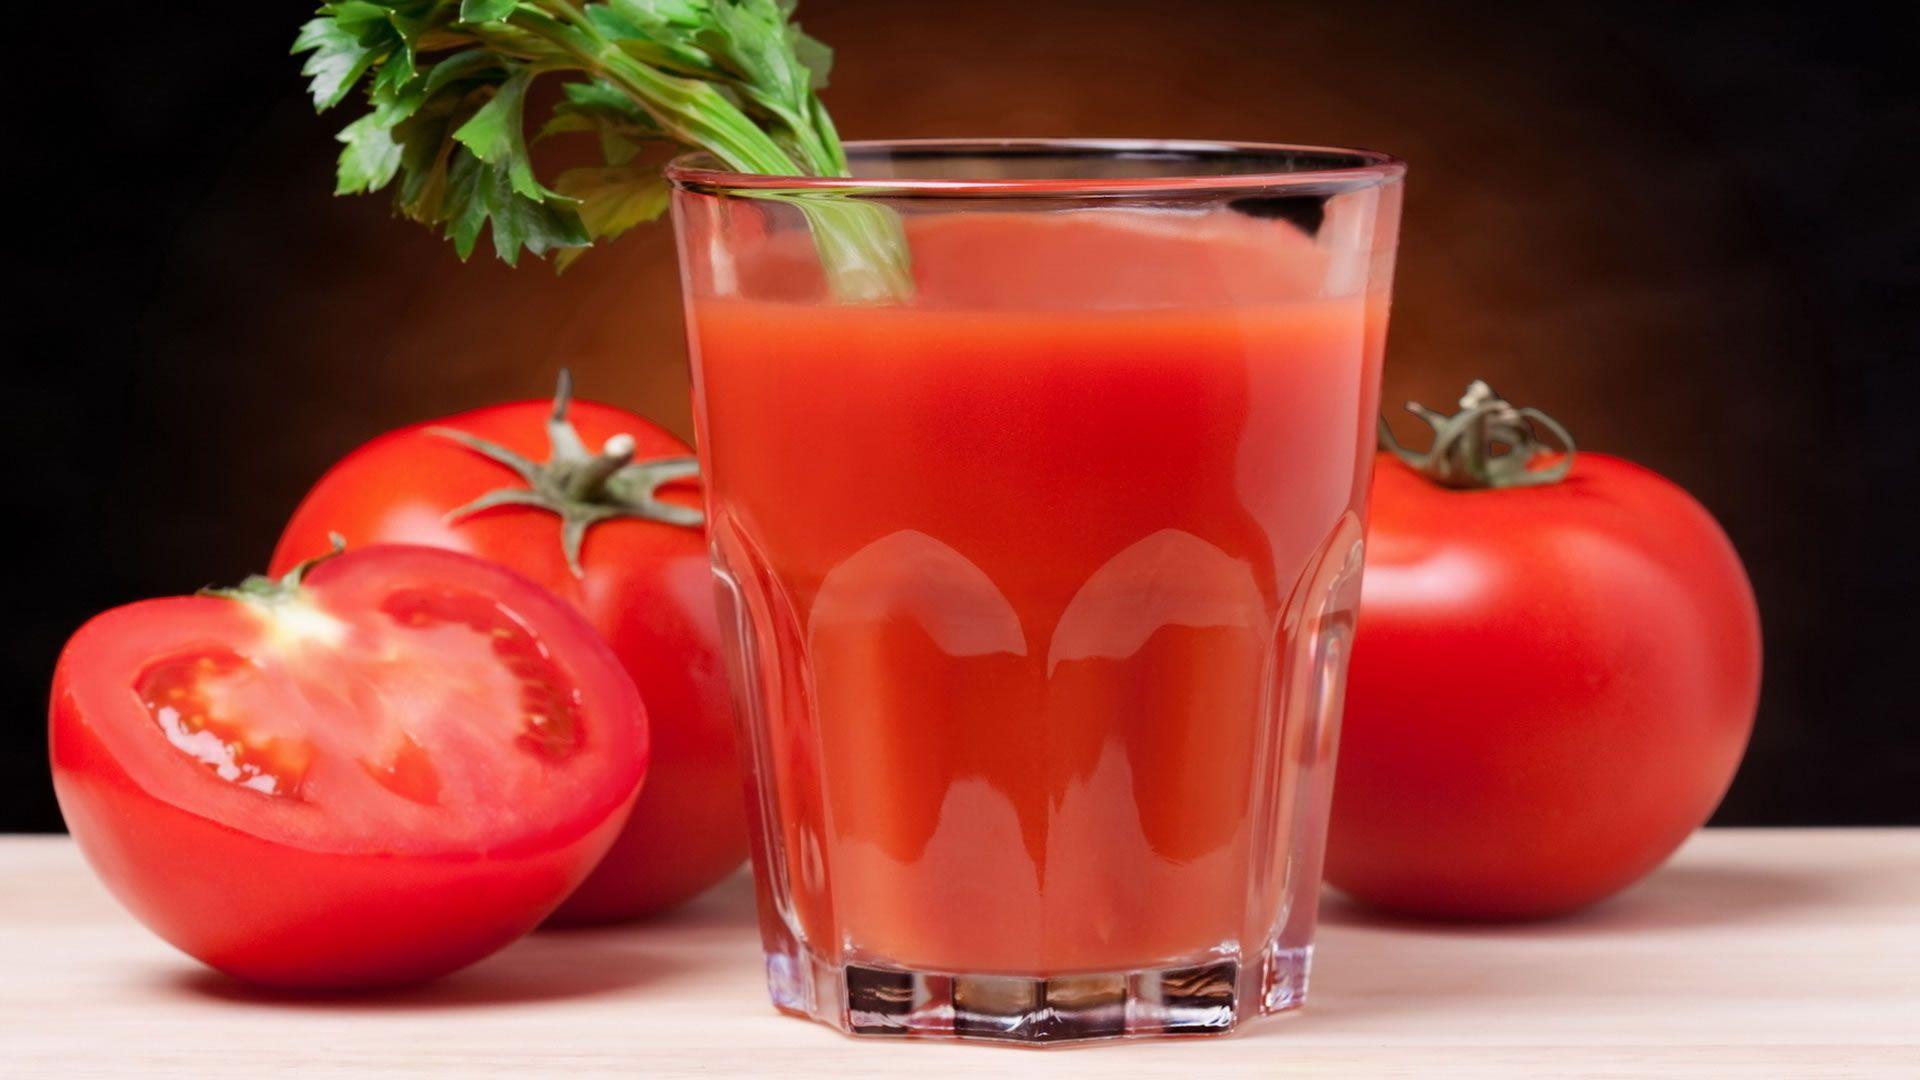 La extraña decisión de una línea aérea de eliminar el jugo de tomate